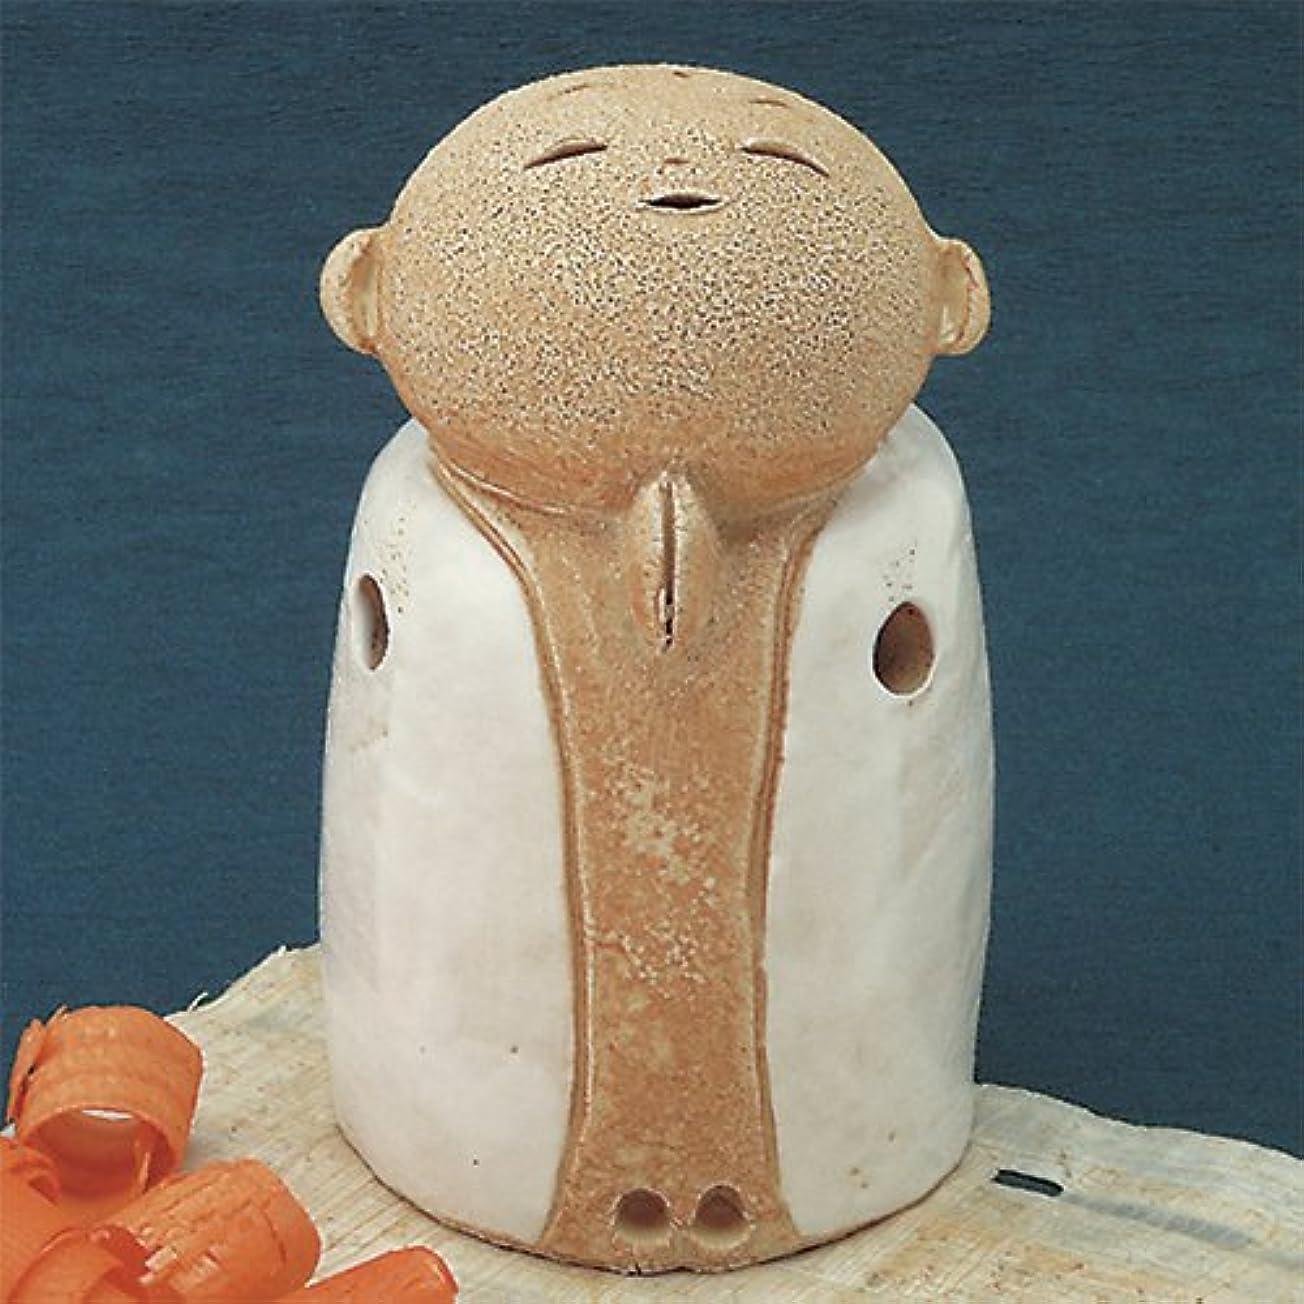 不潔不毛のコールドお地蔵様 香炉シリーズ 白 お地蔵様 香炉&ポプリ(小) [H10cm] HANDMADE プレゼント ギフト 和食器 かわいい インテリア